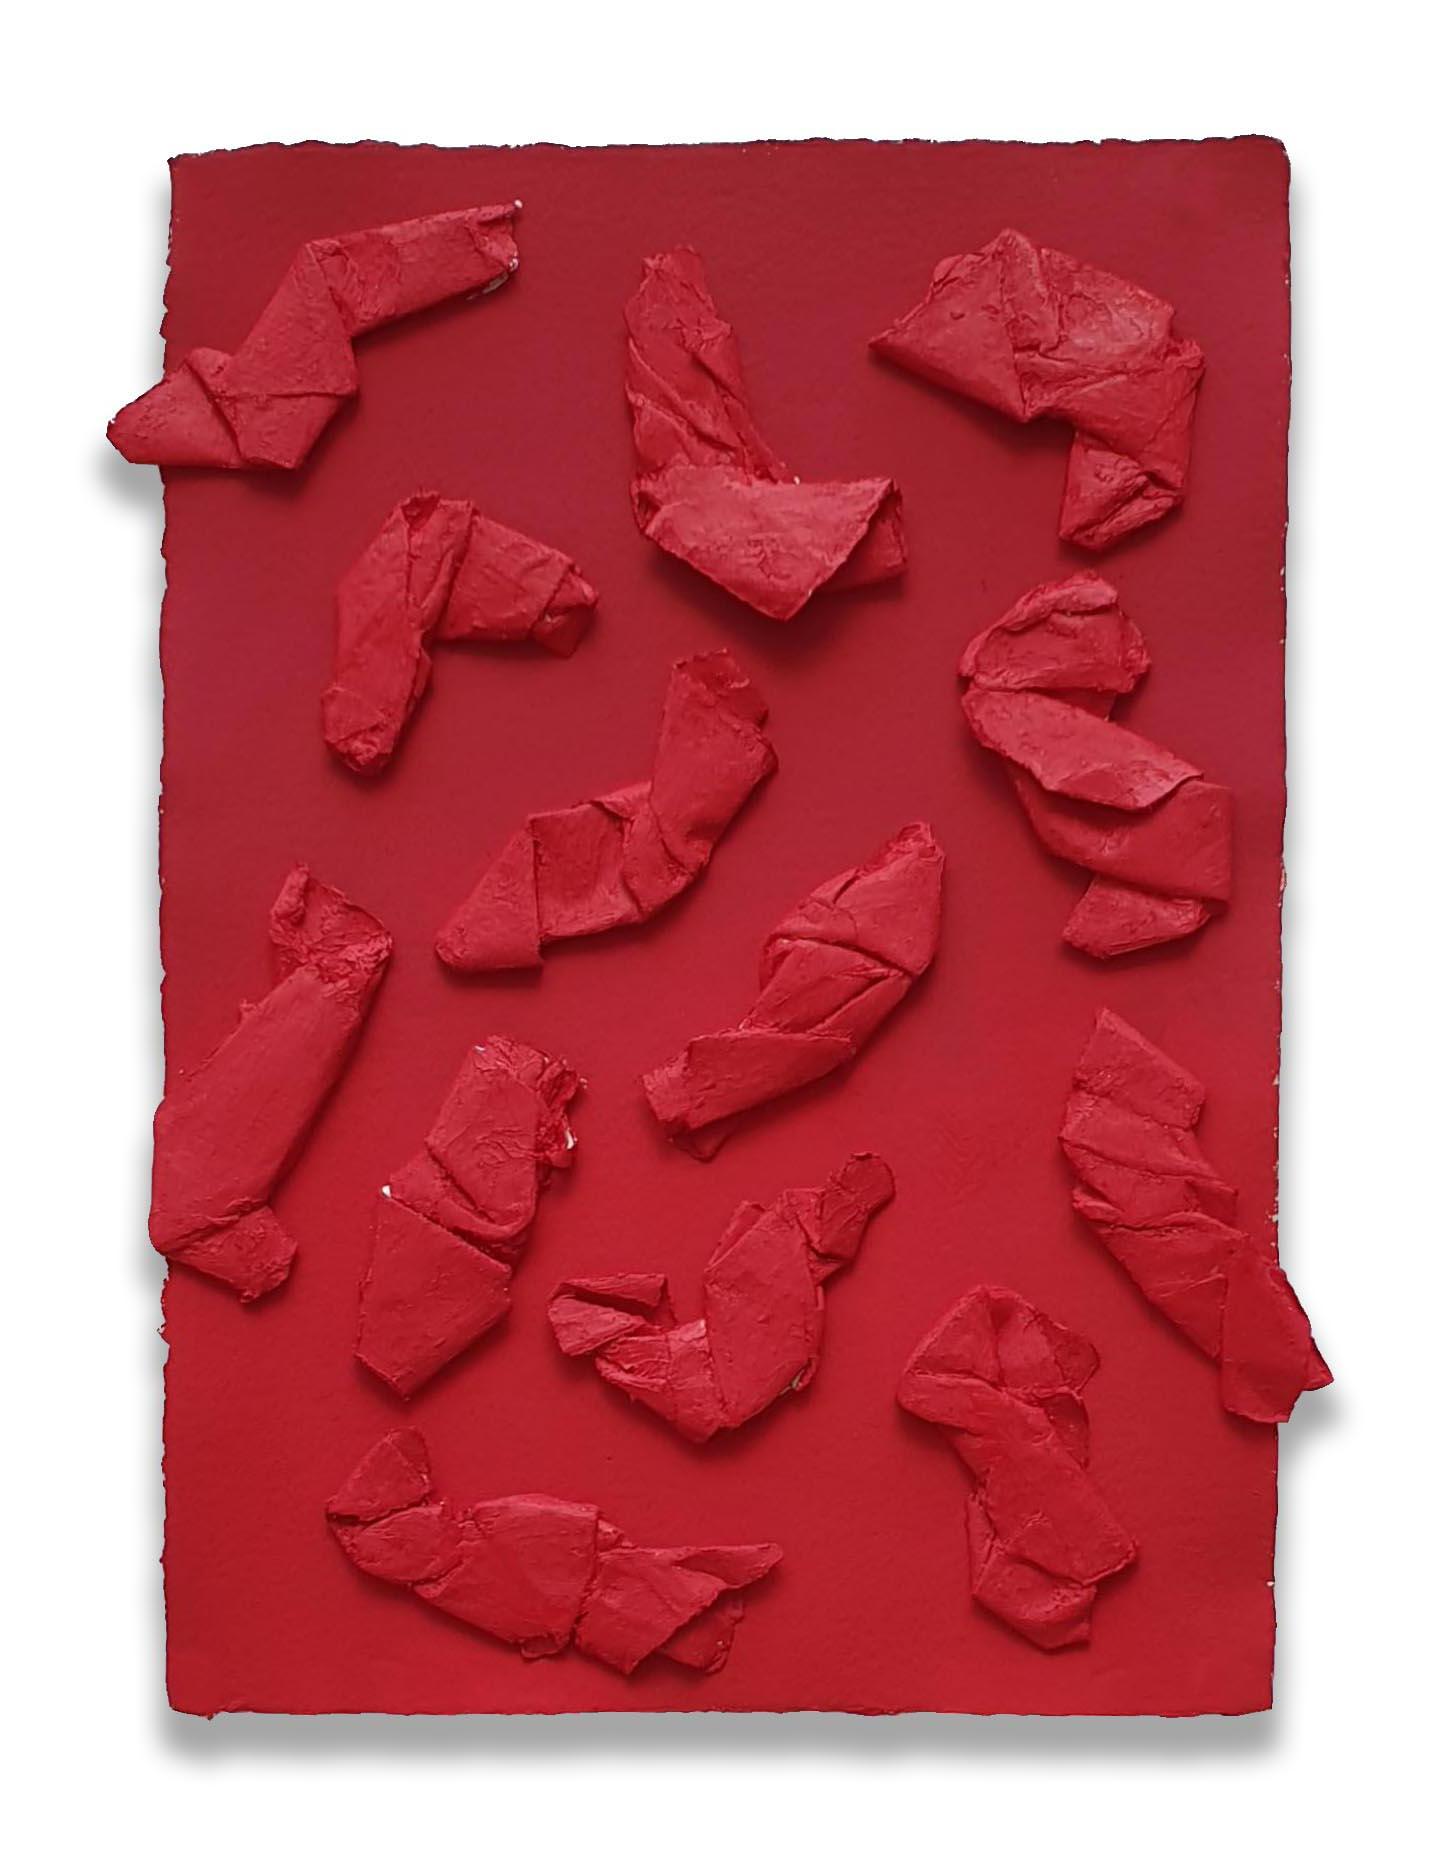 Flowing Cadmium Field  - 2019  Pigmento acrilico e oil stick su carta  42,5 x 30 cm